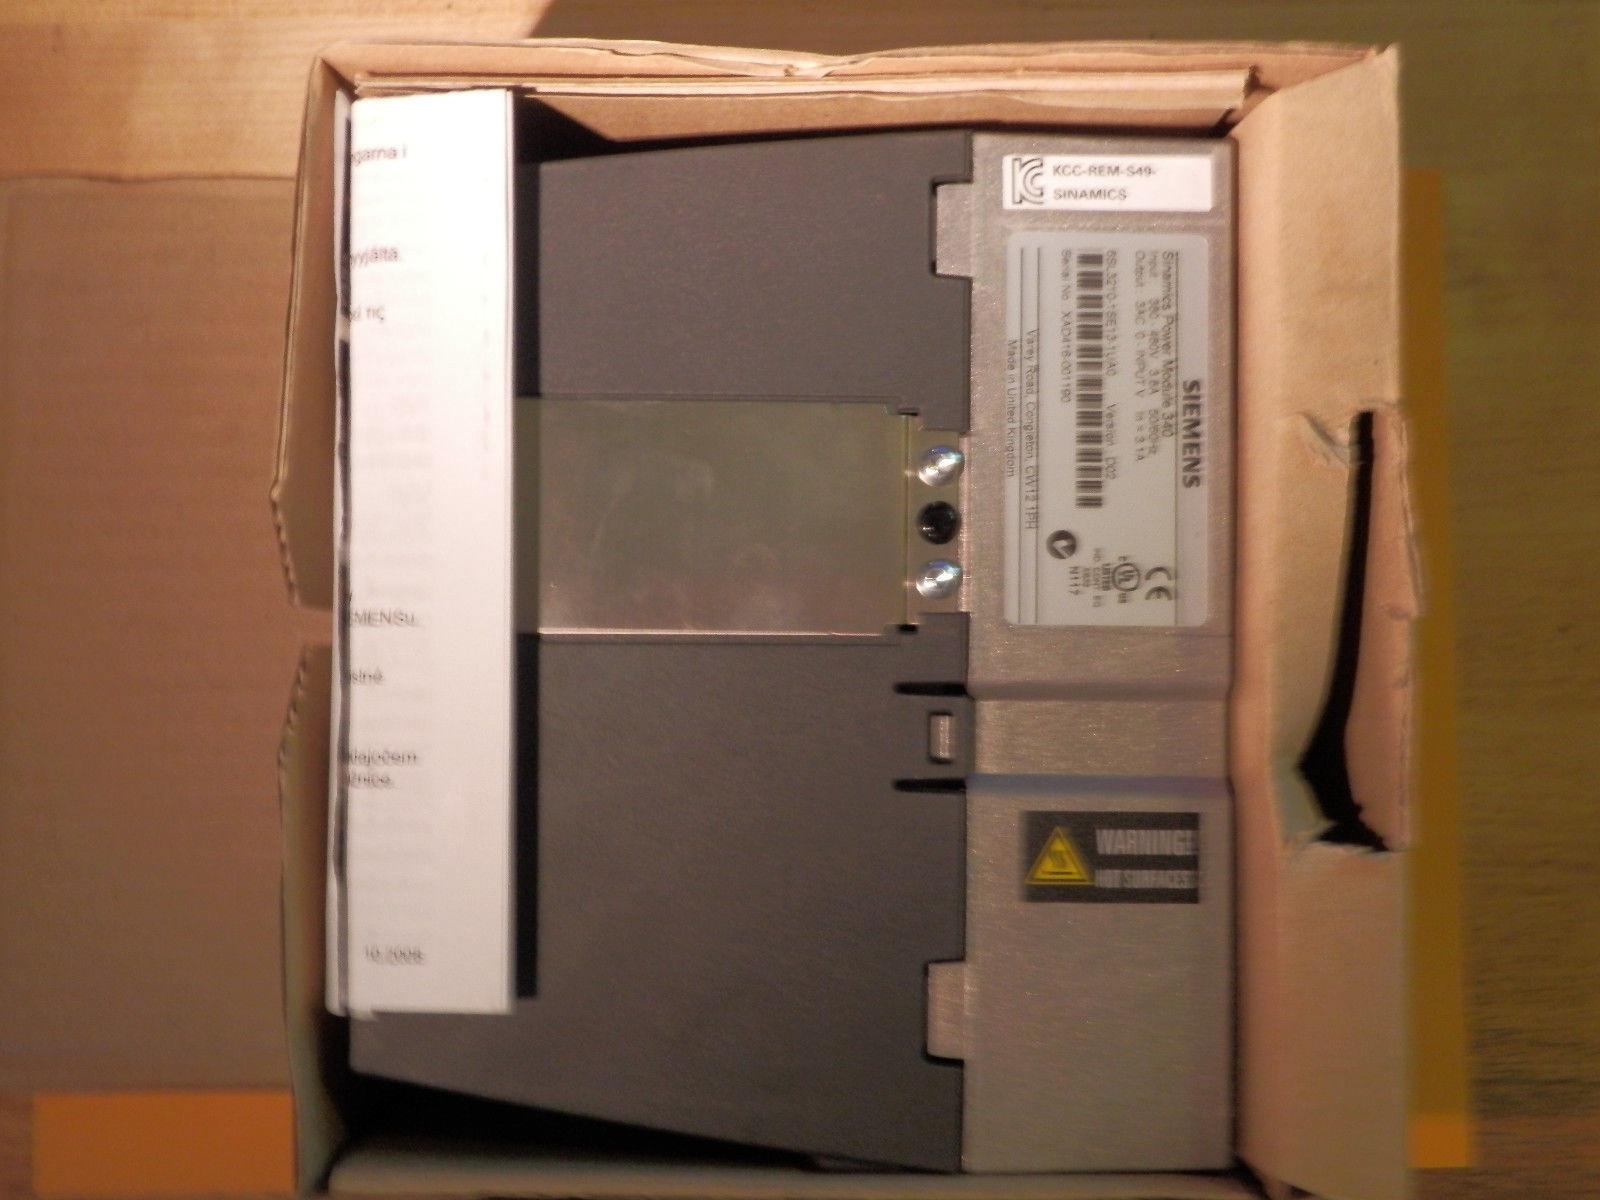 6SL3210-1SE21-8UA0 Siemens Inverter S120 G120 G130